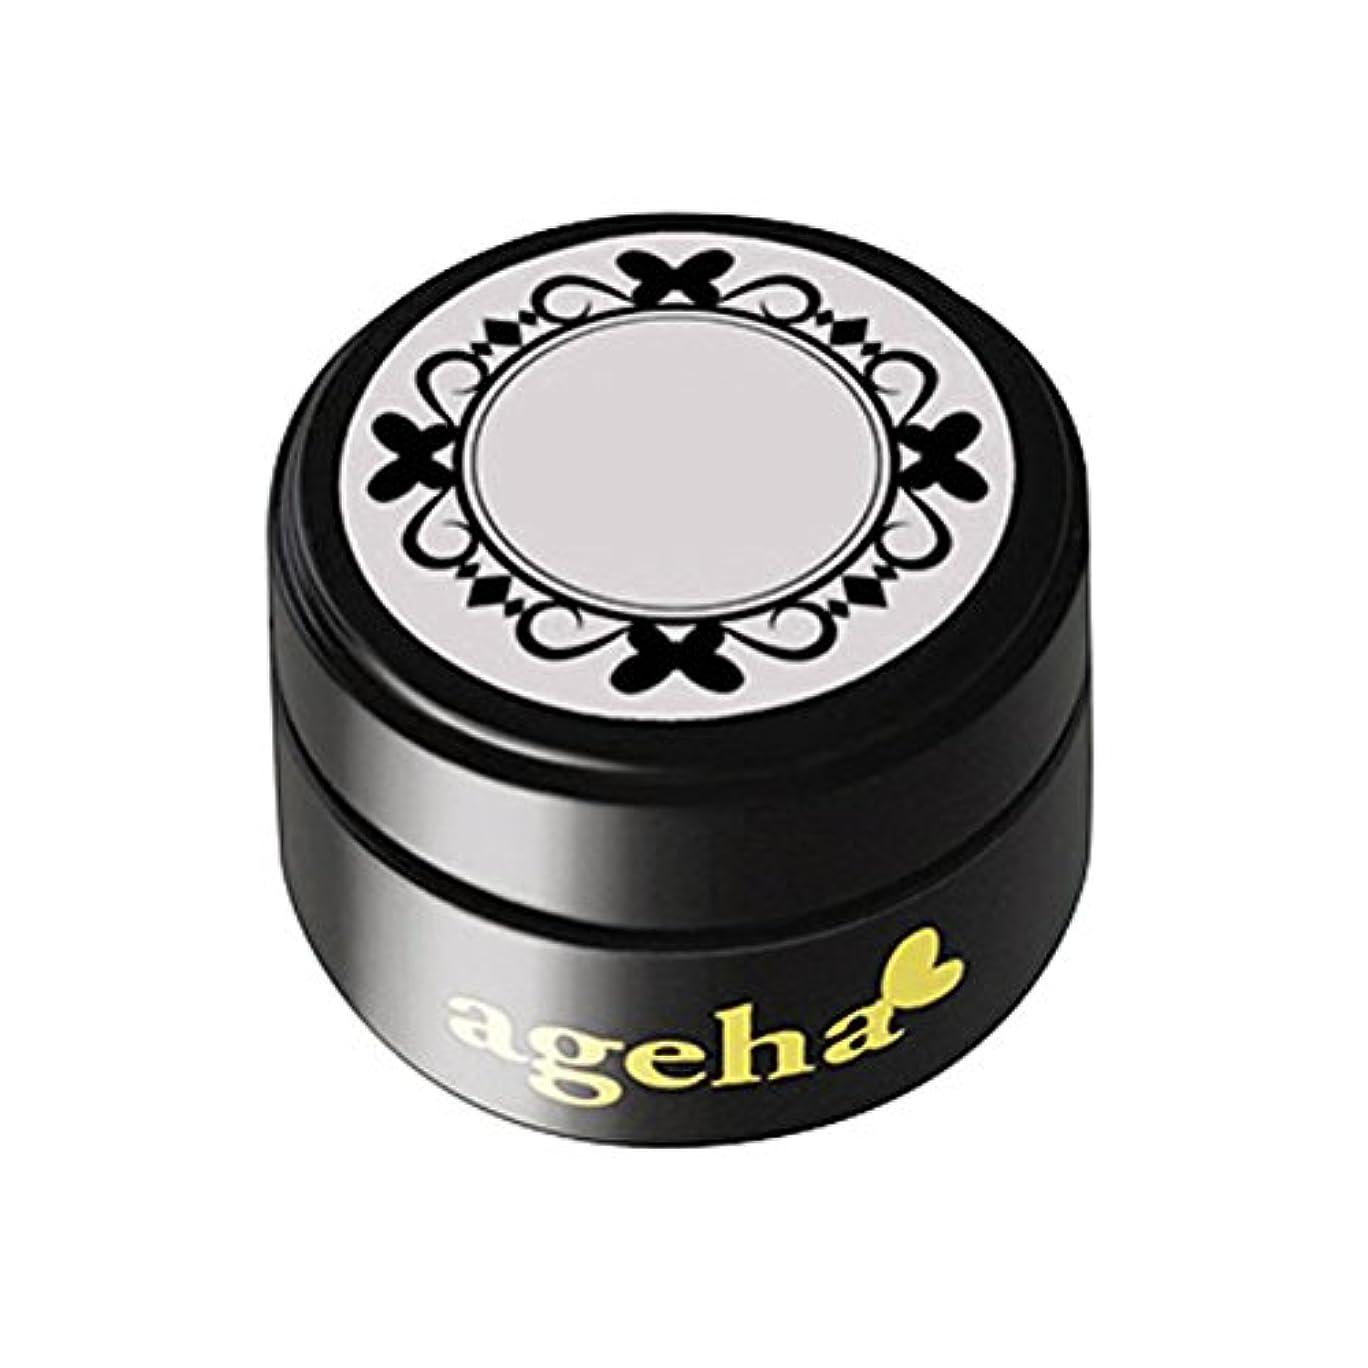 中に一貫性のない規則性ageha gel カラージェル コスメカラー 216 ノスタルジー 2.7g UV/LED対応